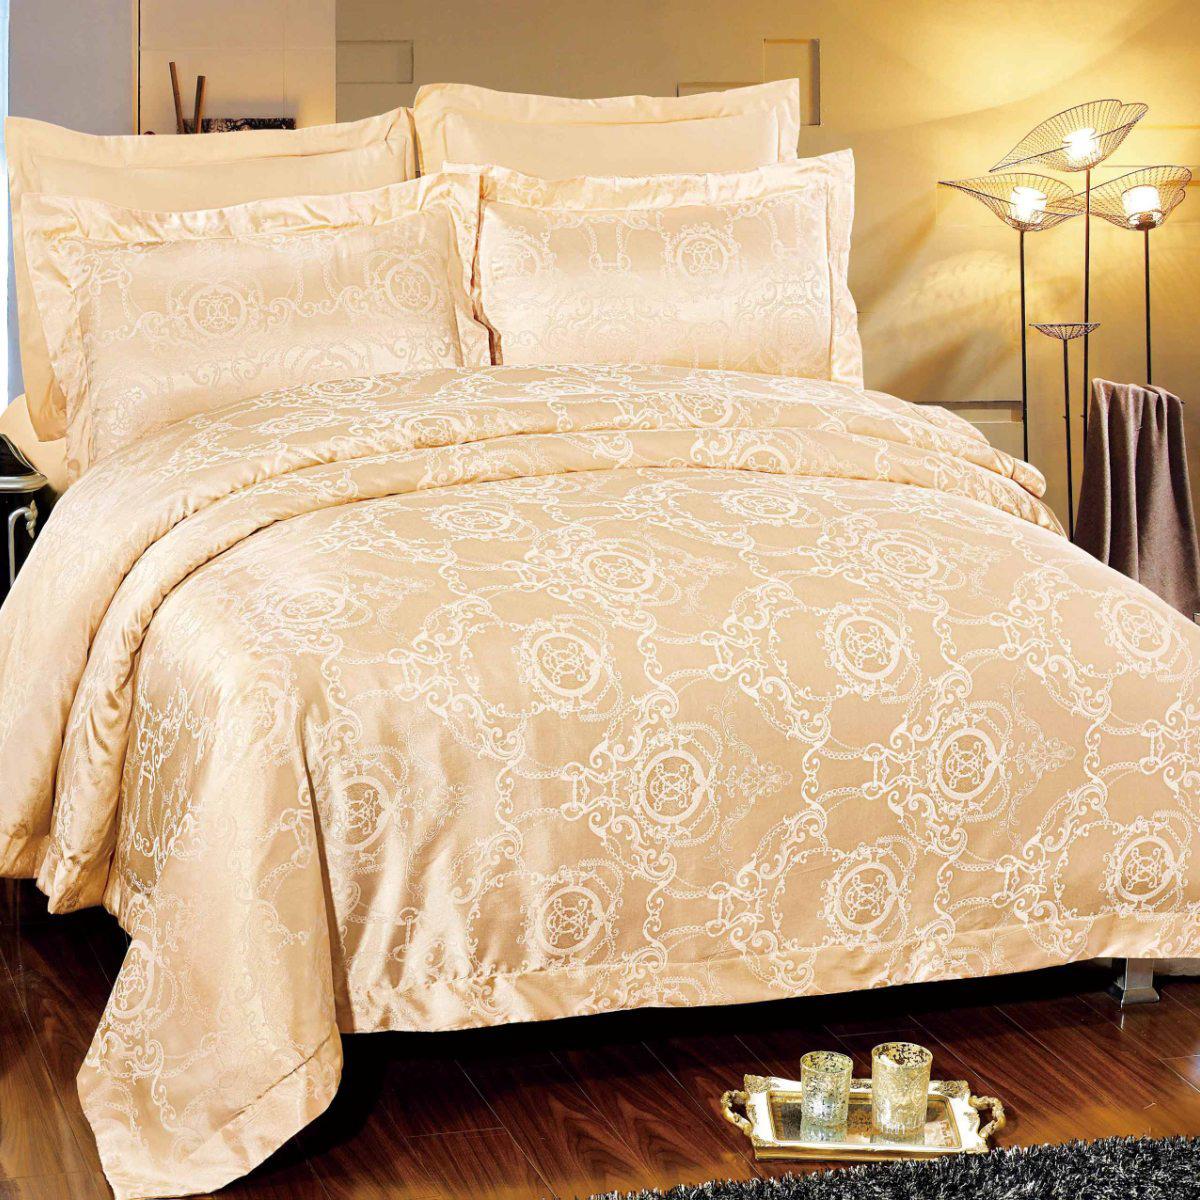 цена на Комплект постельного белья Letto, евро, наволочки 50х70, 70х70, AJ29-6